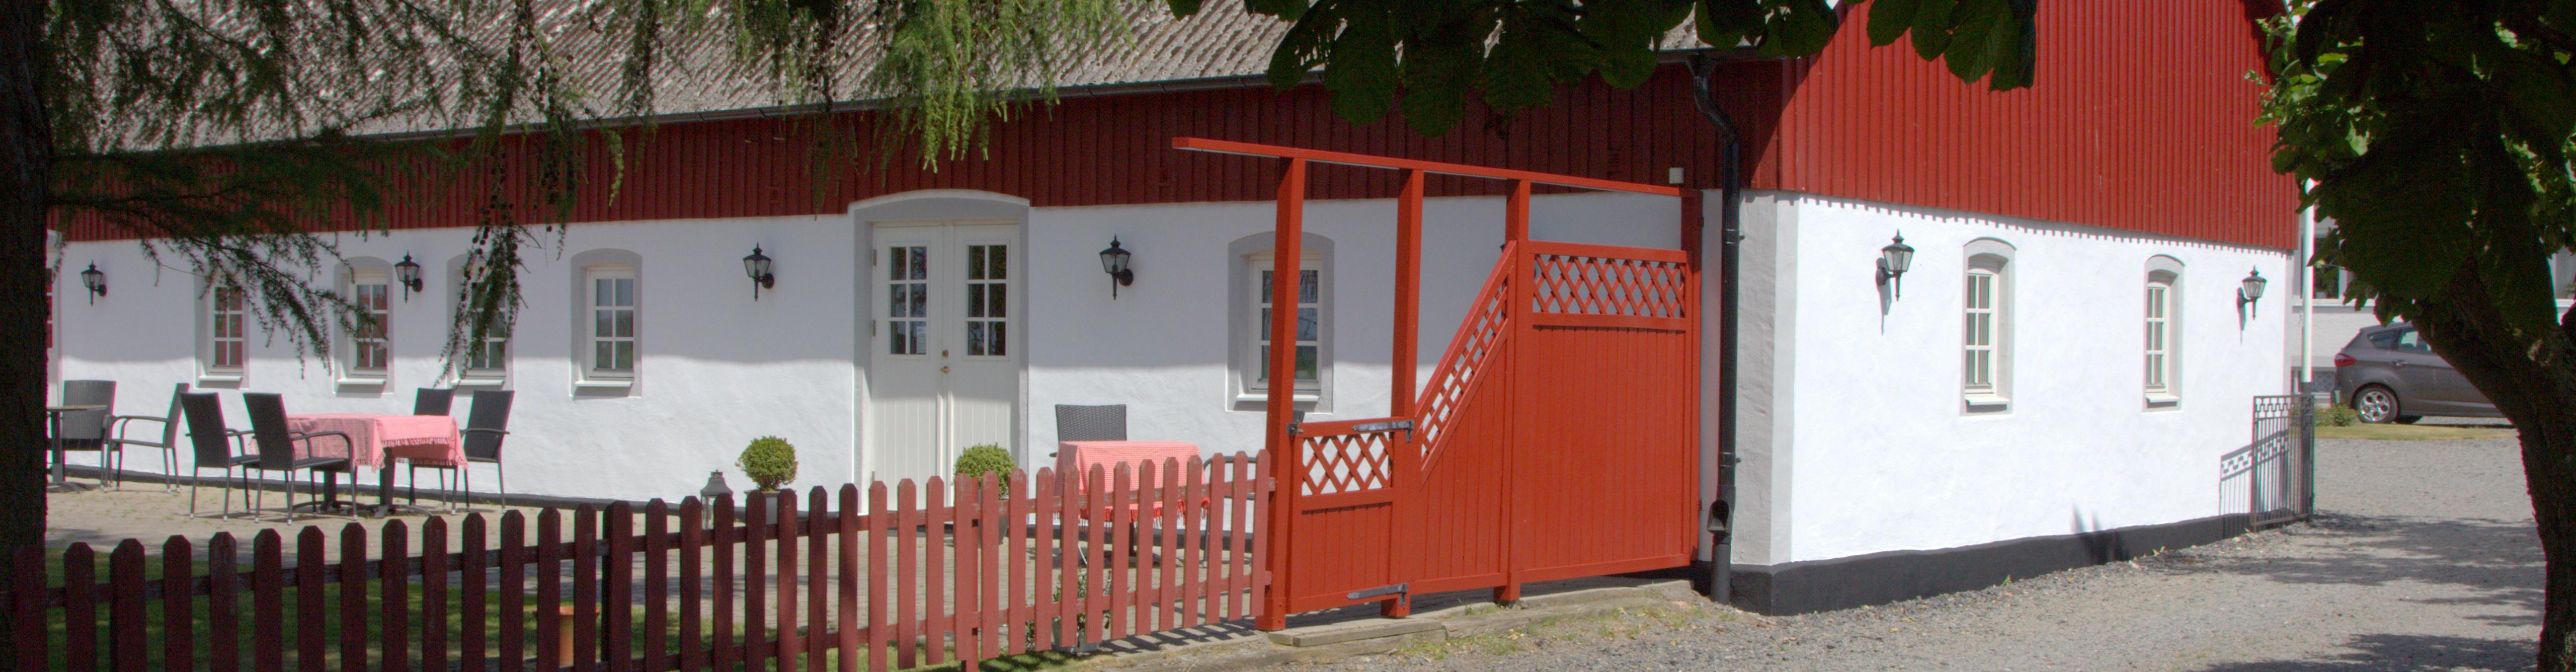 Zimmer Skåne